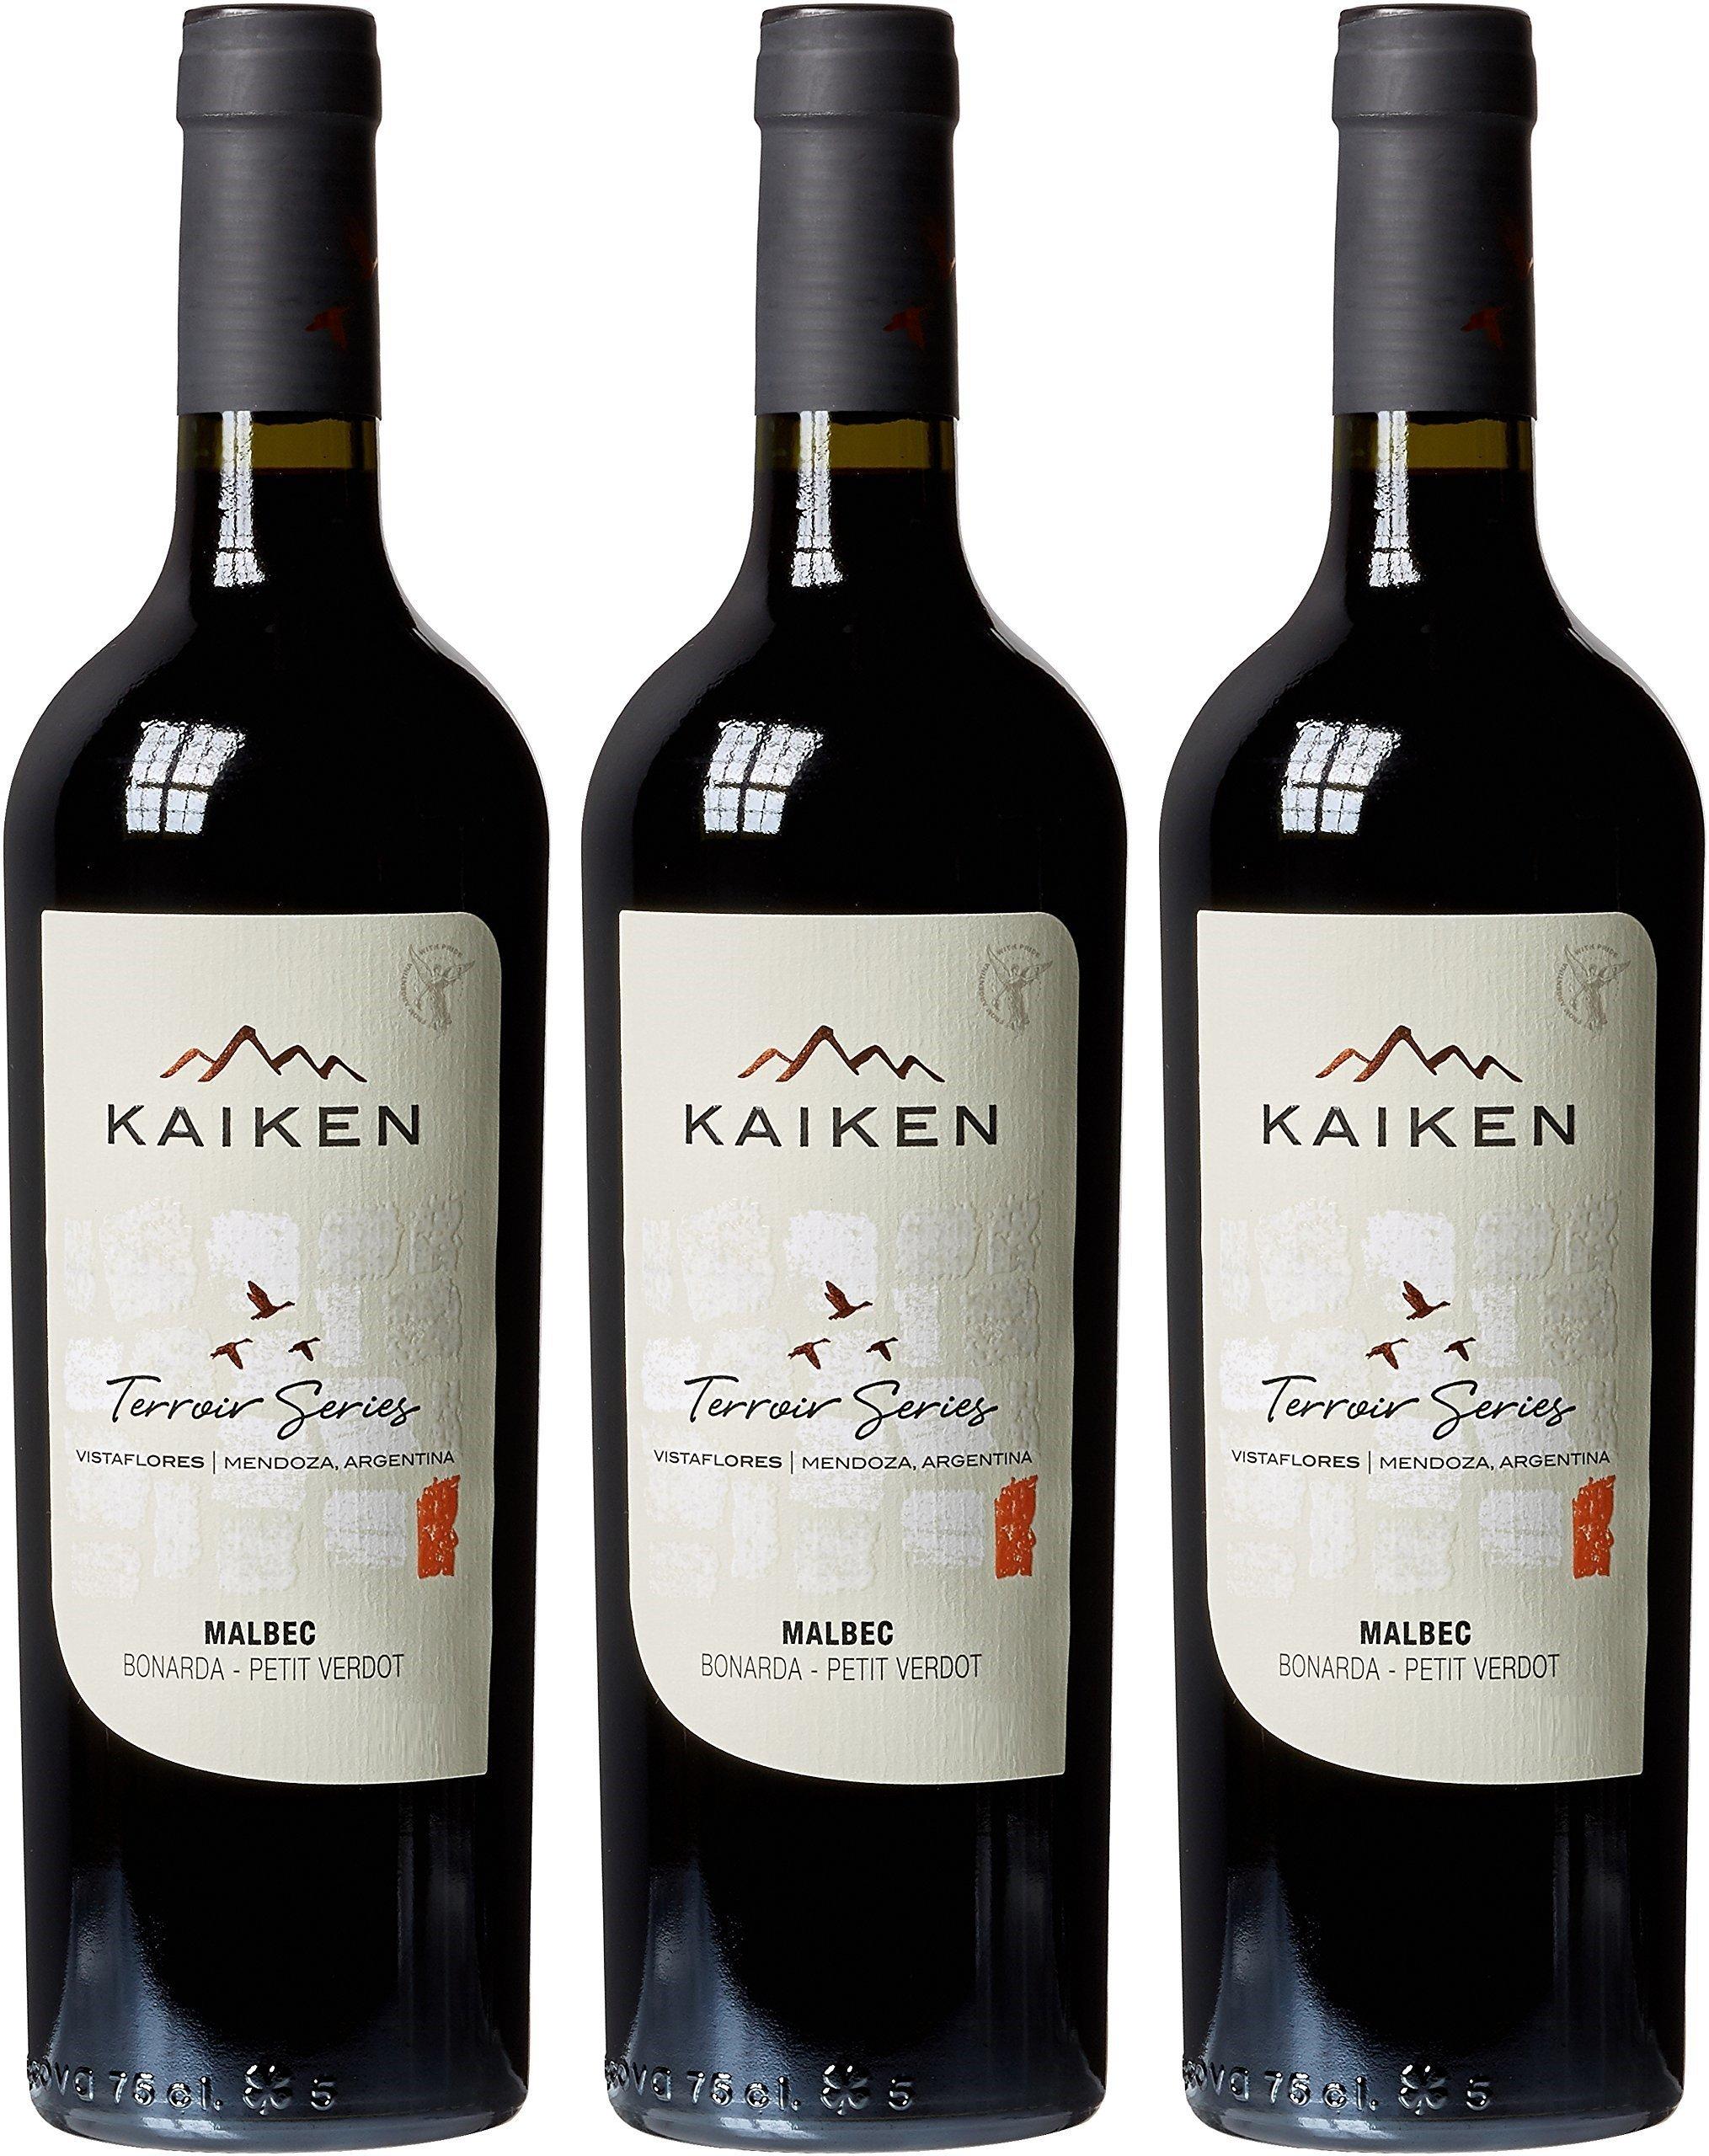 Kaiken-Terroir-Series-Corte-Malbec-20152016-trocken-3-x-075-l